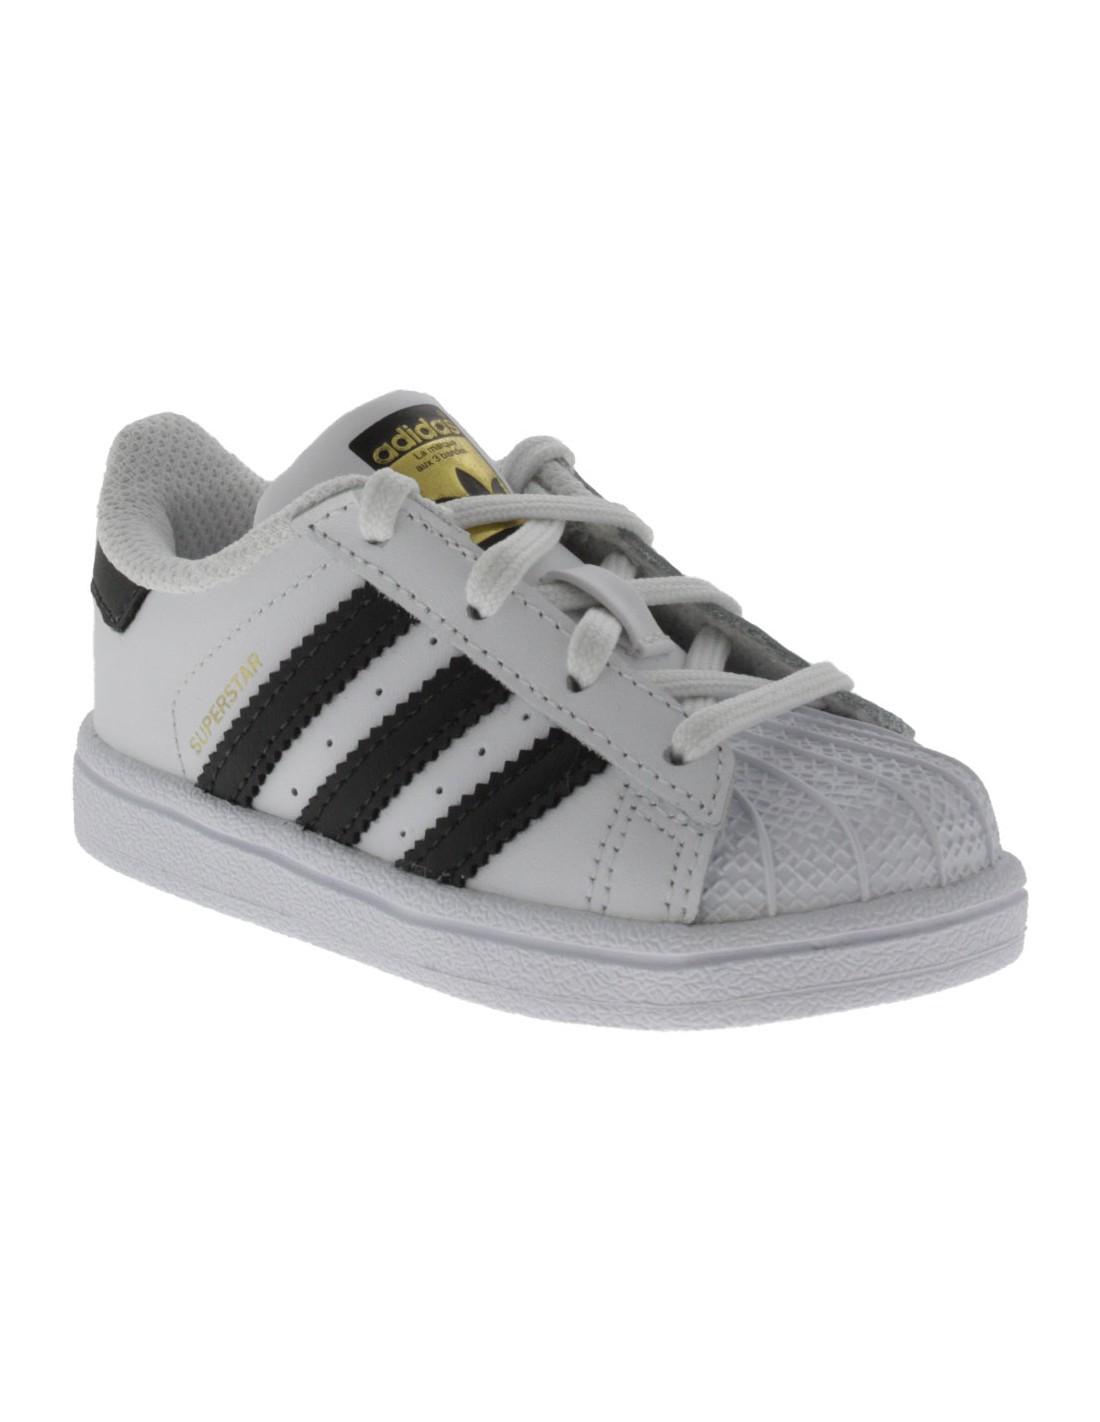 separation shoes dbfb6 e4bac Scarpe Adidas Superstar bambino primi passi bianco e nero limited edition